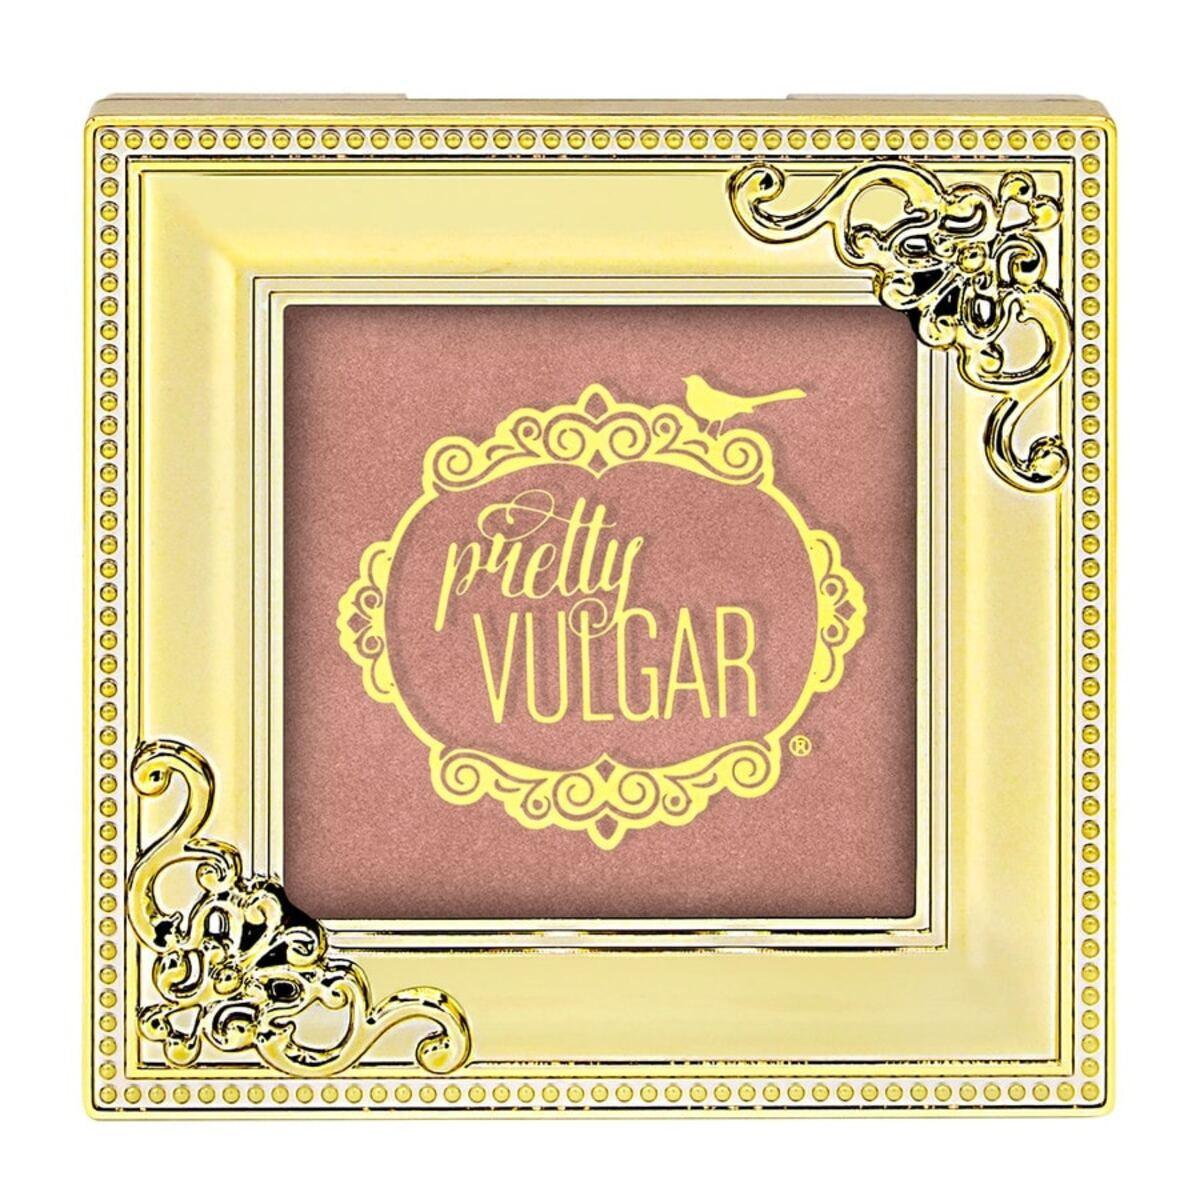 Bild 2 von Pretty Vulgar Rouge Pretty Witty Rouge 6.0 g